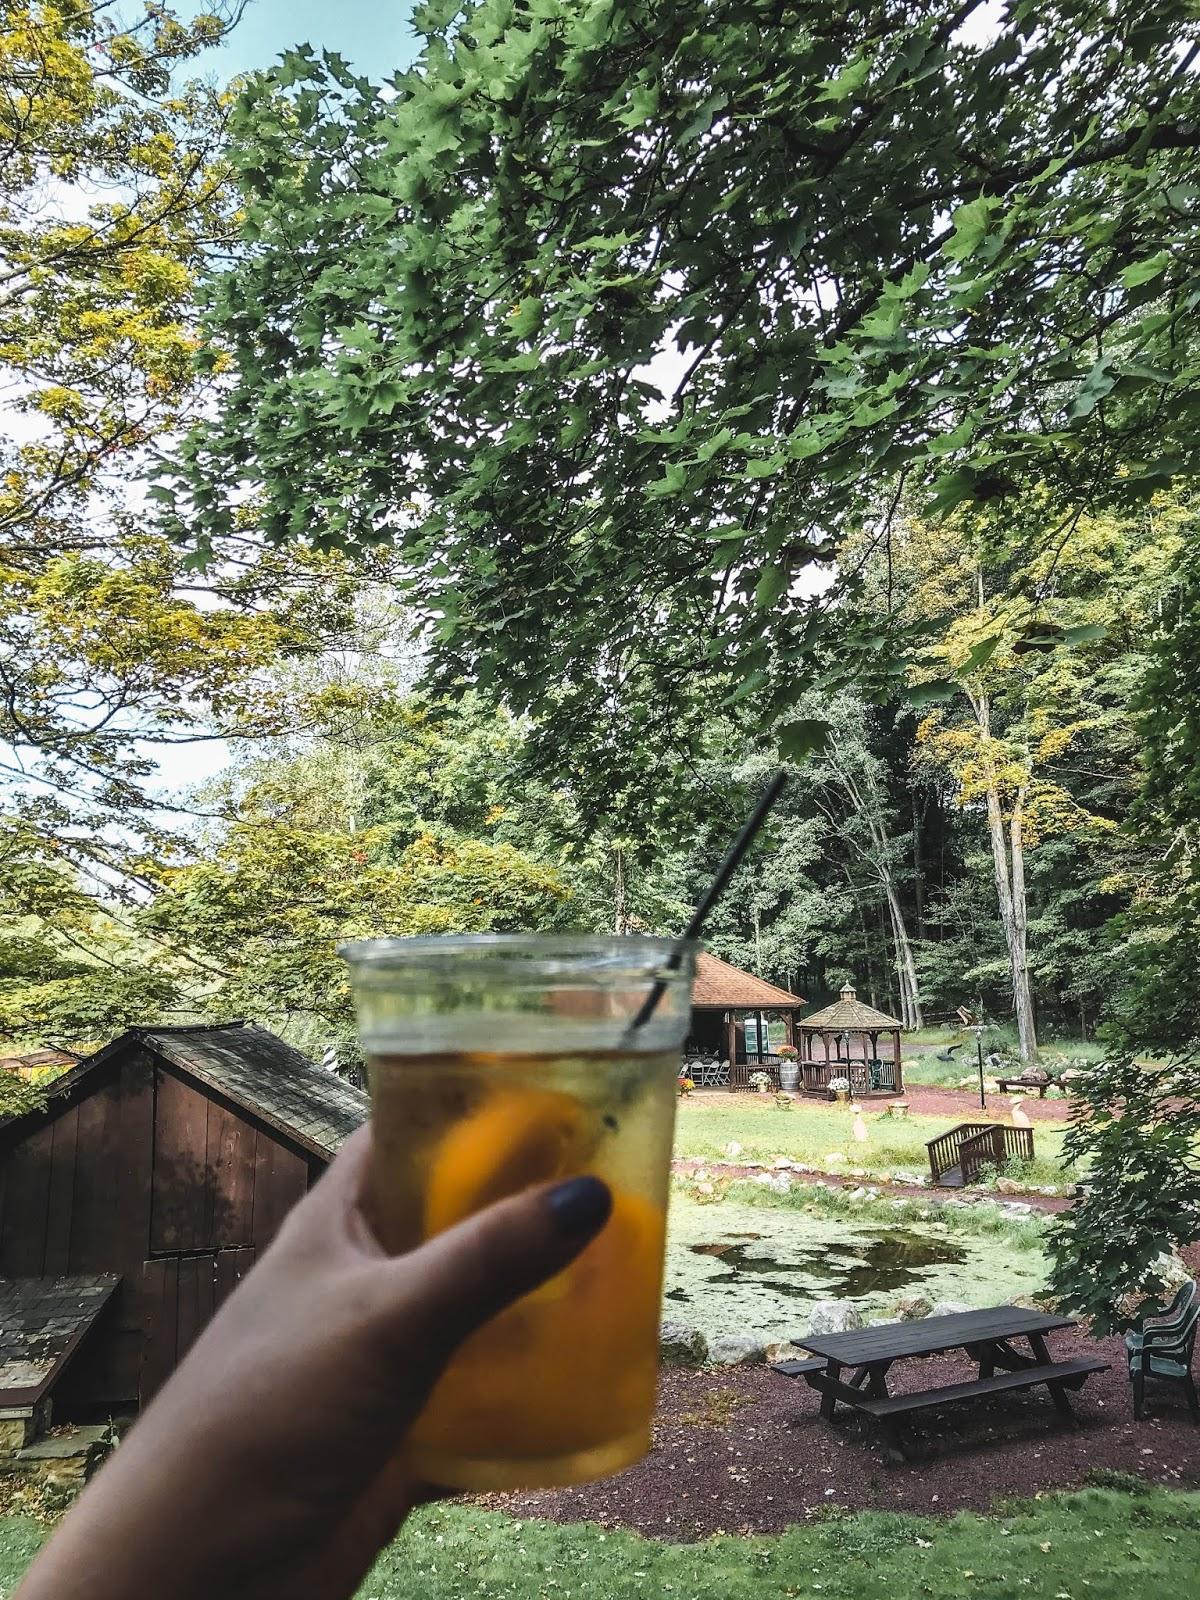 Wine tasting in Poconos Pennsylvania